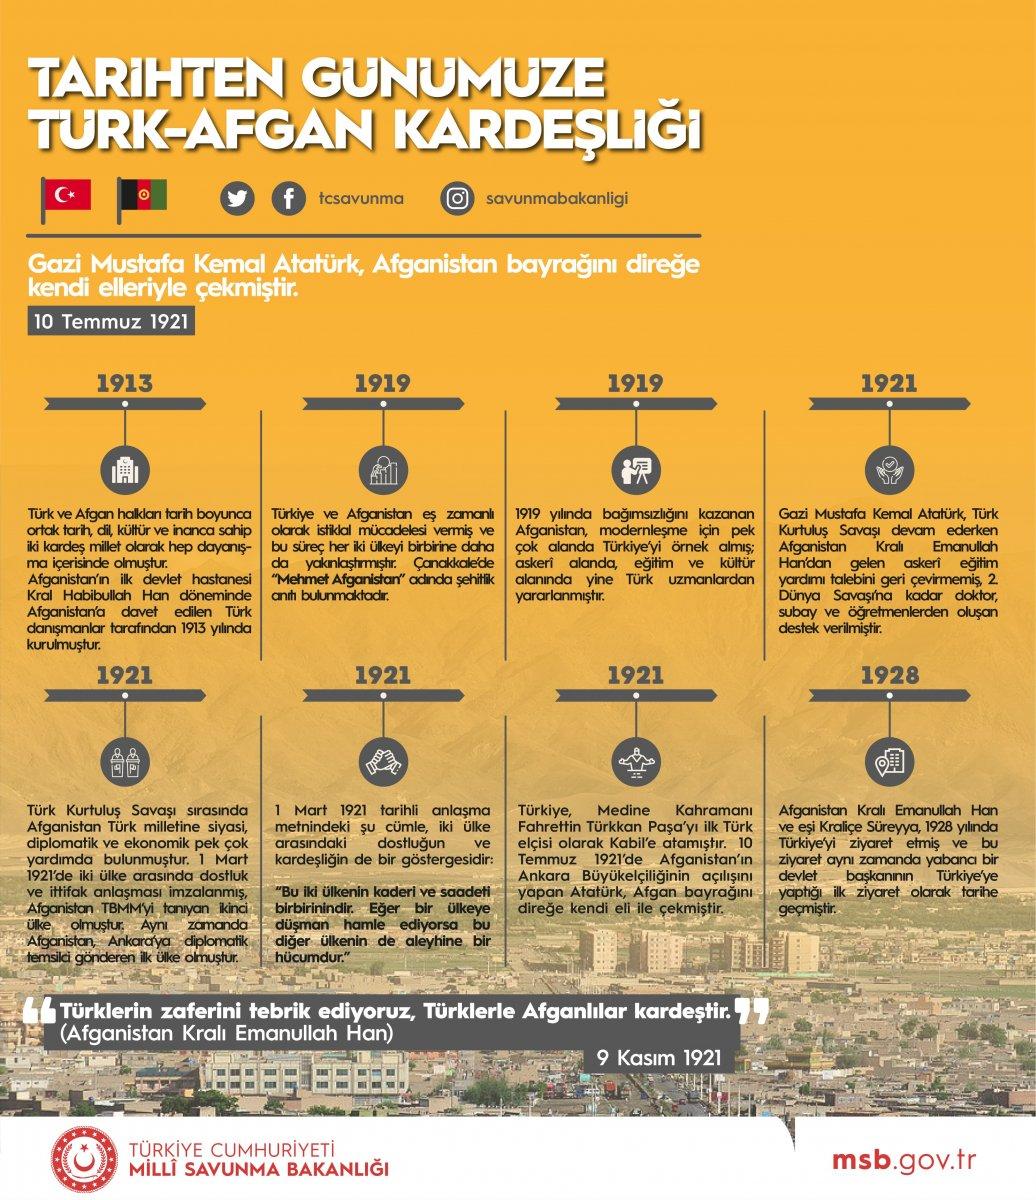 MSB den  Türk-Afgan Kardeşliği  paylaşımı #3